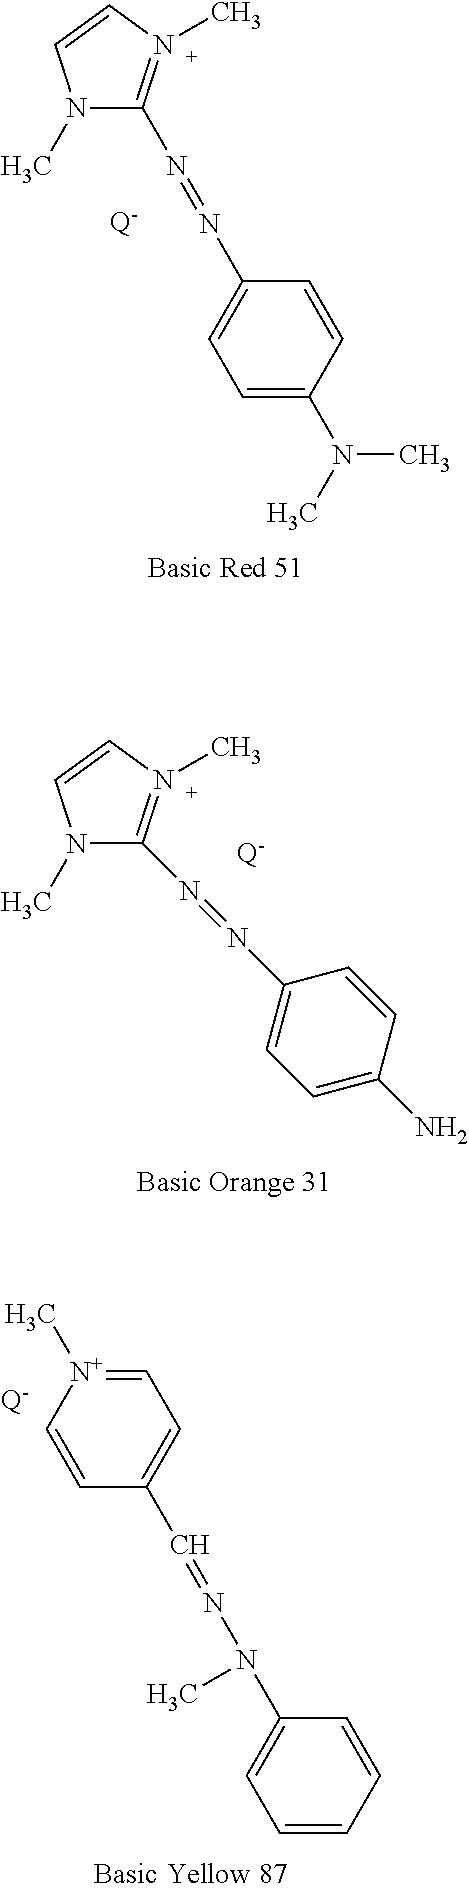 Figure US09827185-20171128-C00002